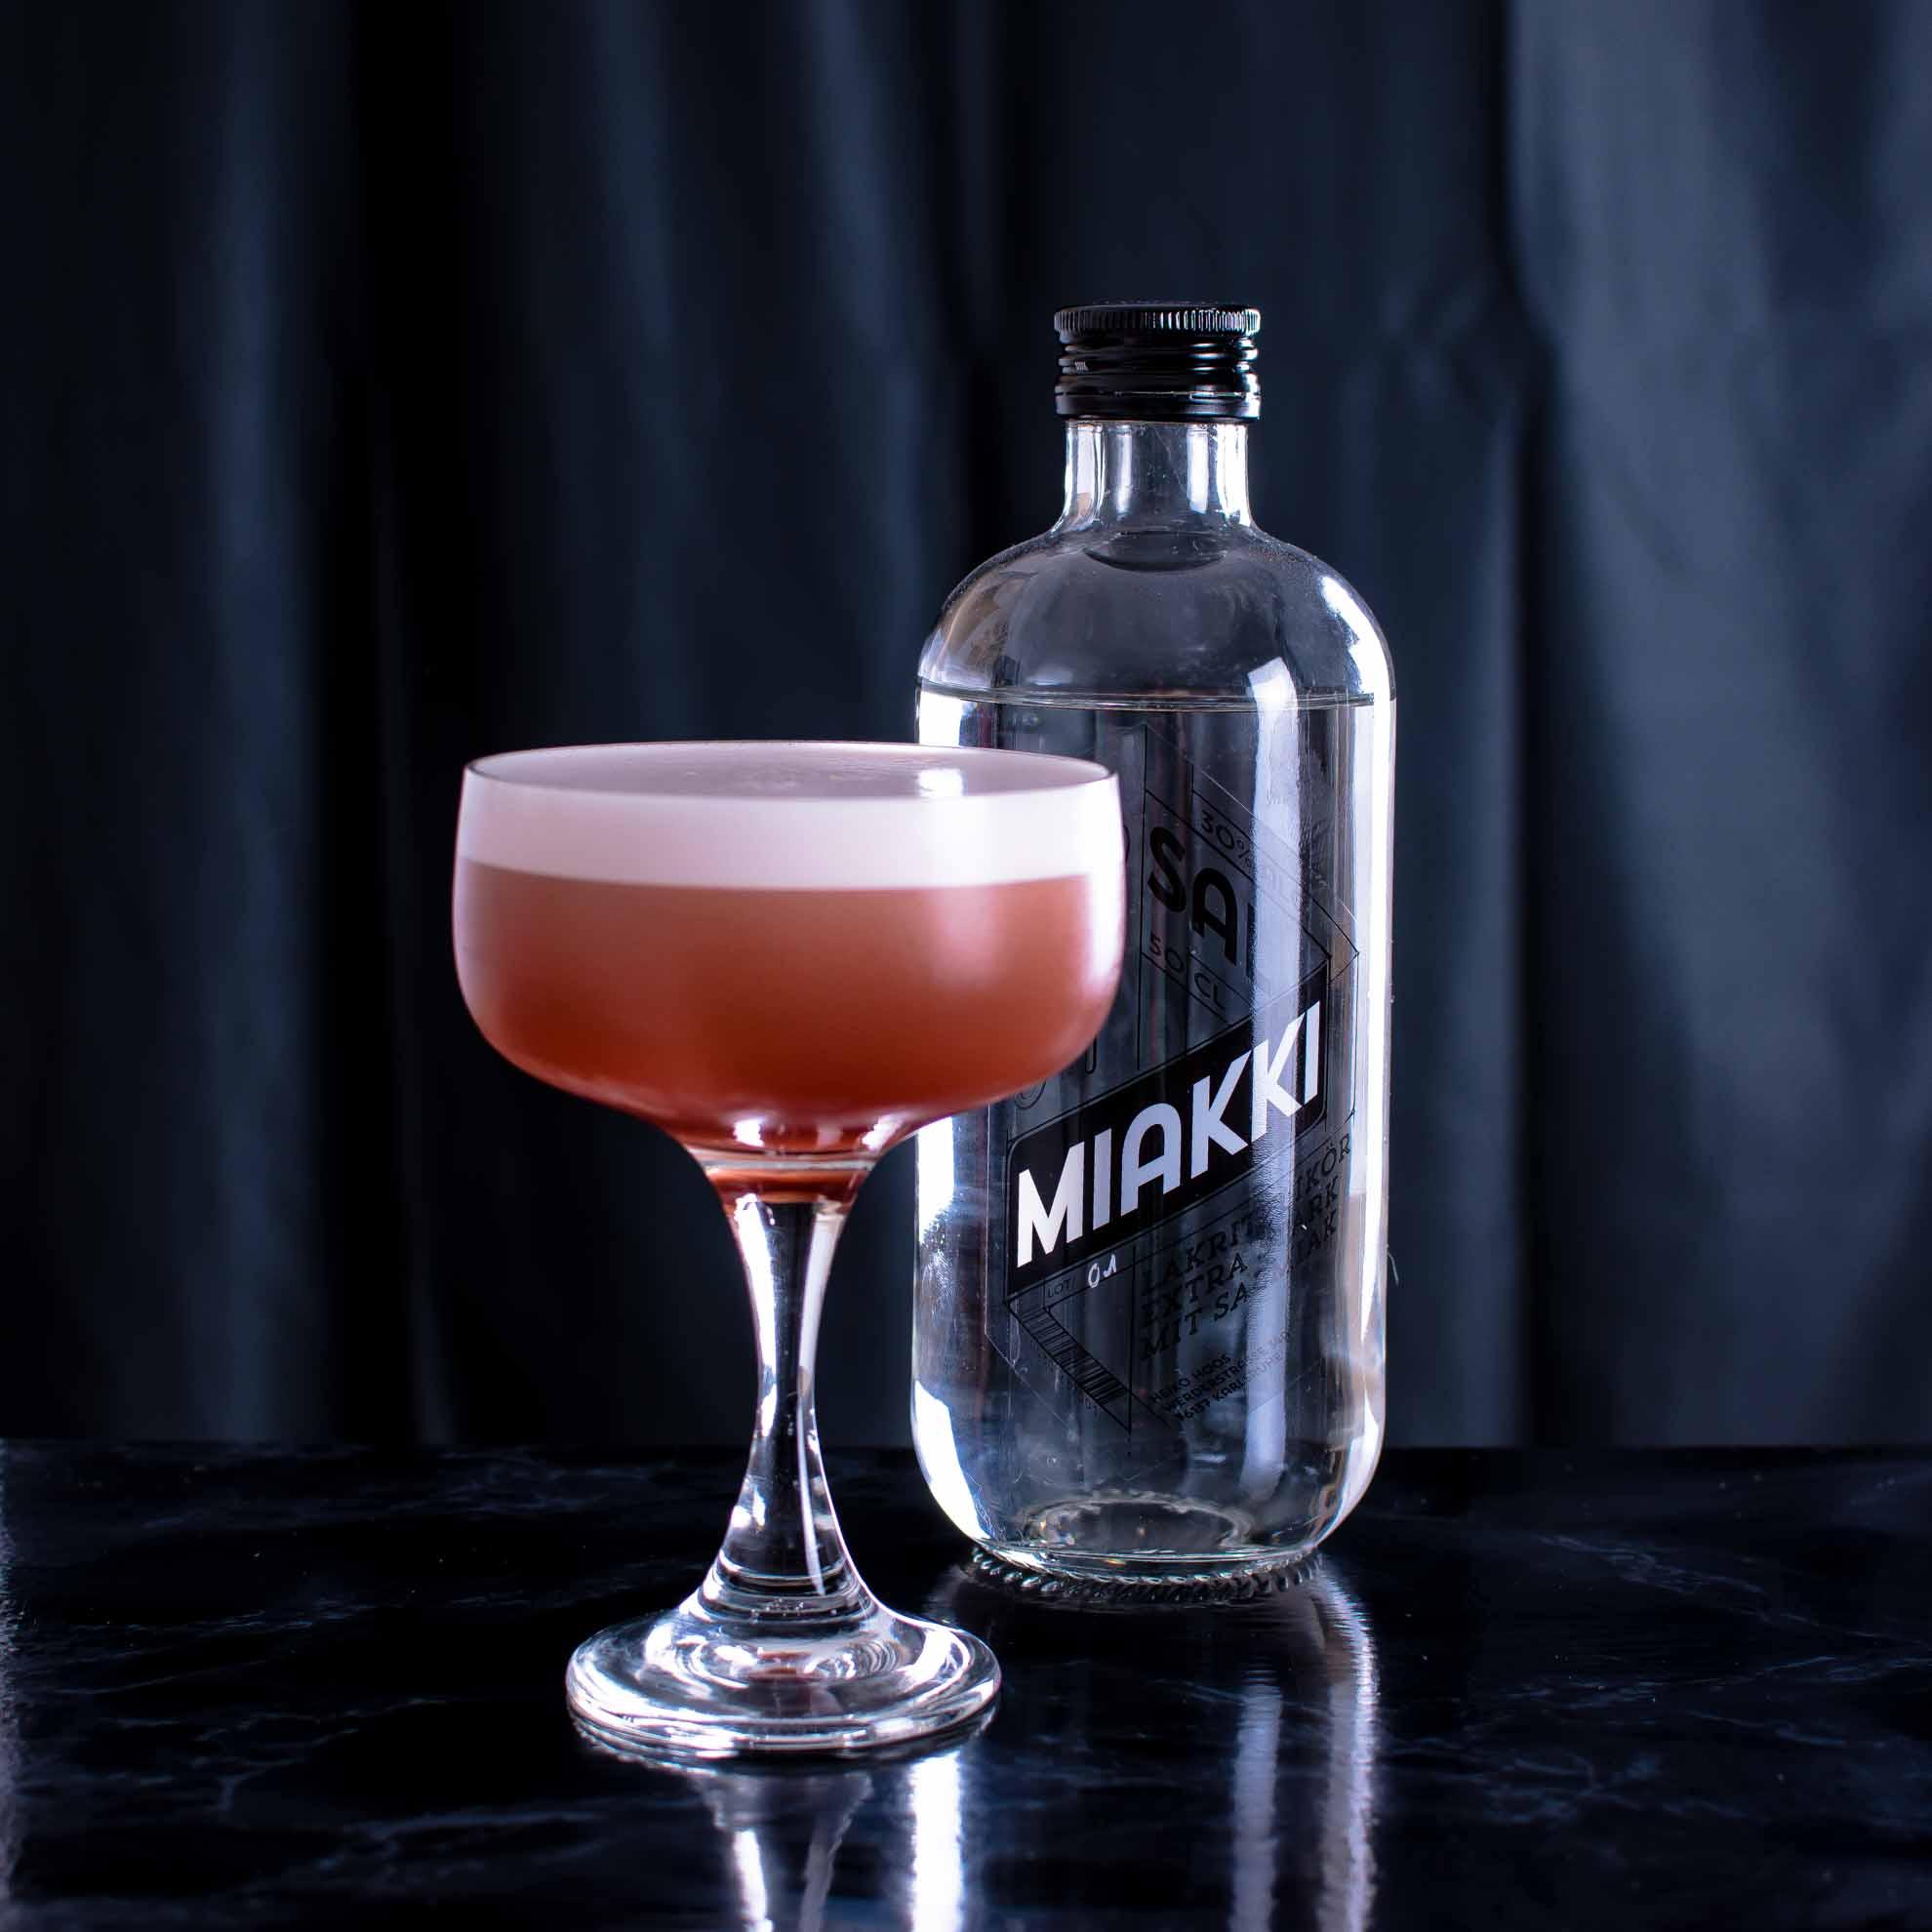 Hoos Sal Miakki in einem Sour-Cocktail mit Cherry Gin.